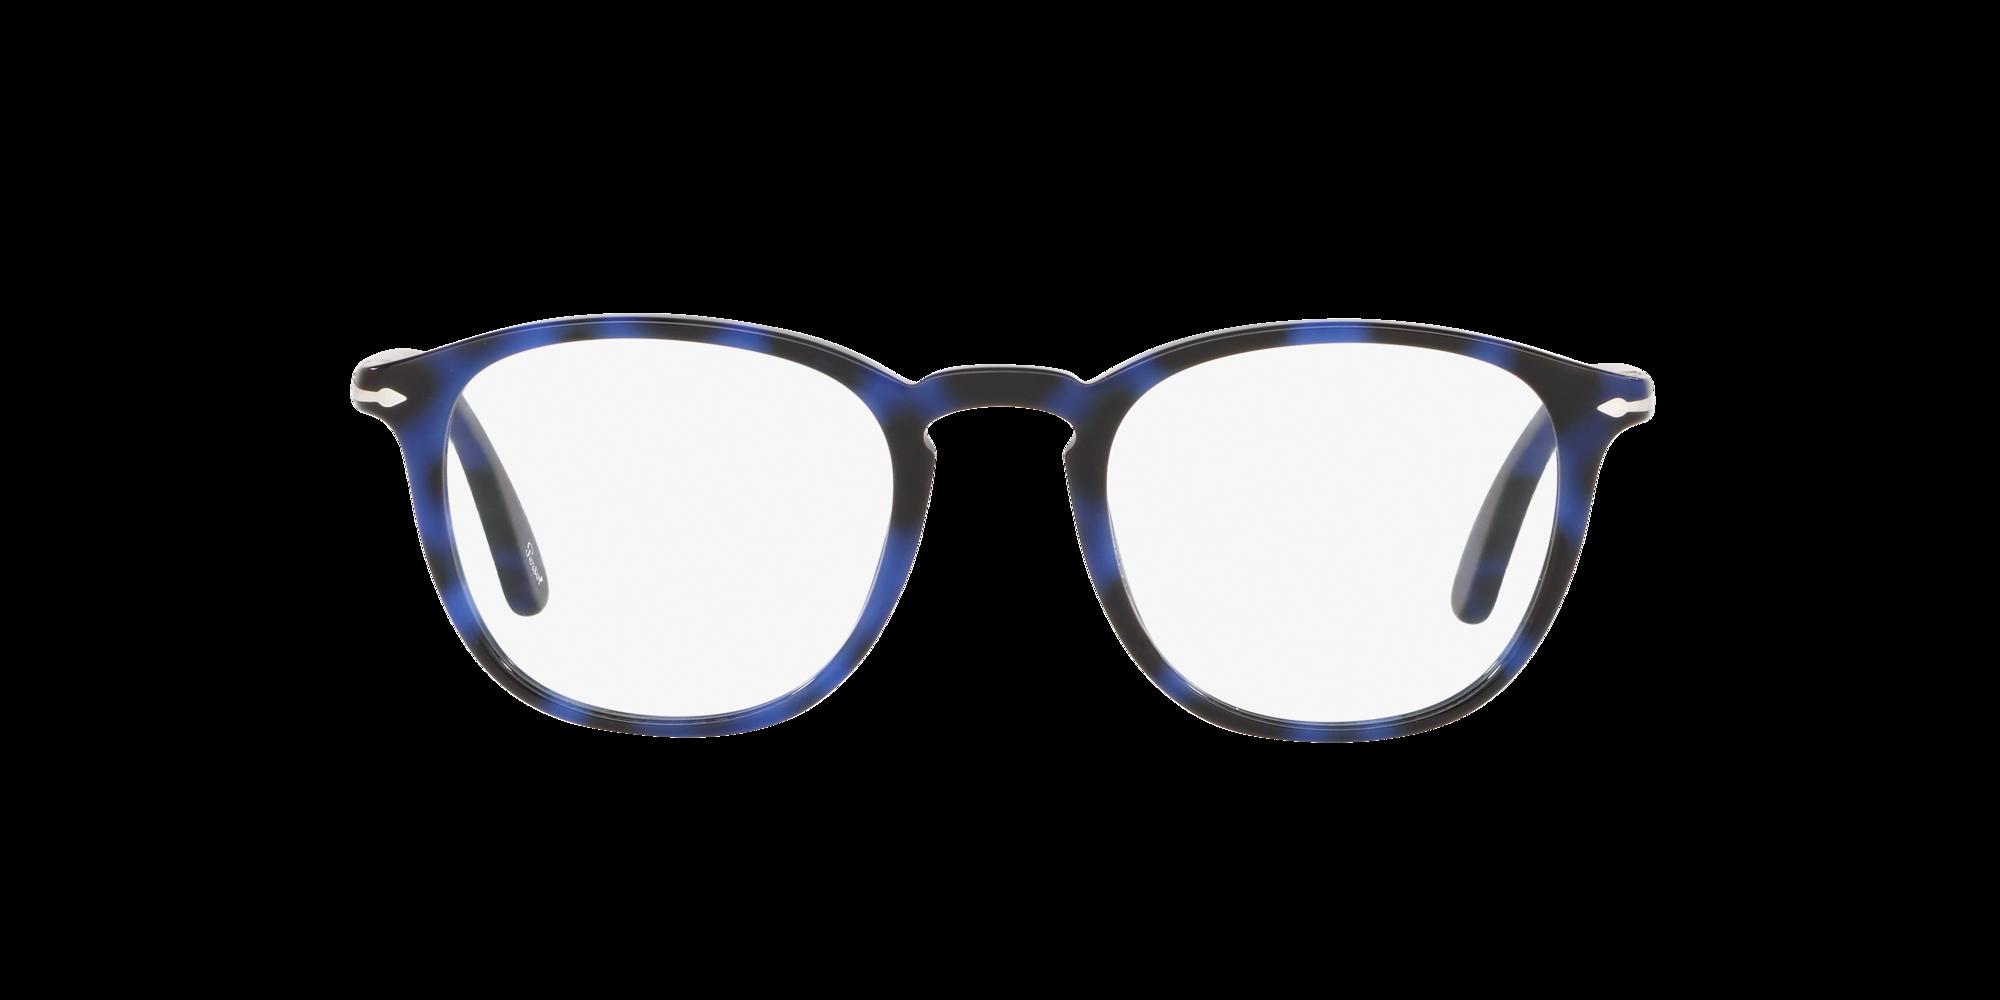 Imagen para PO3143V de LensCrafters    Espejuelos, espejuelos graduados en línea, gafas